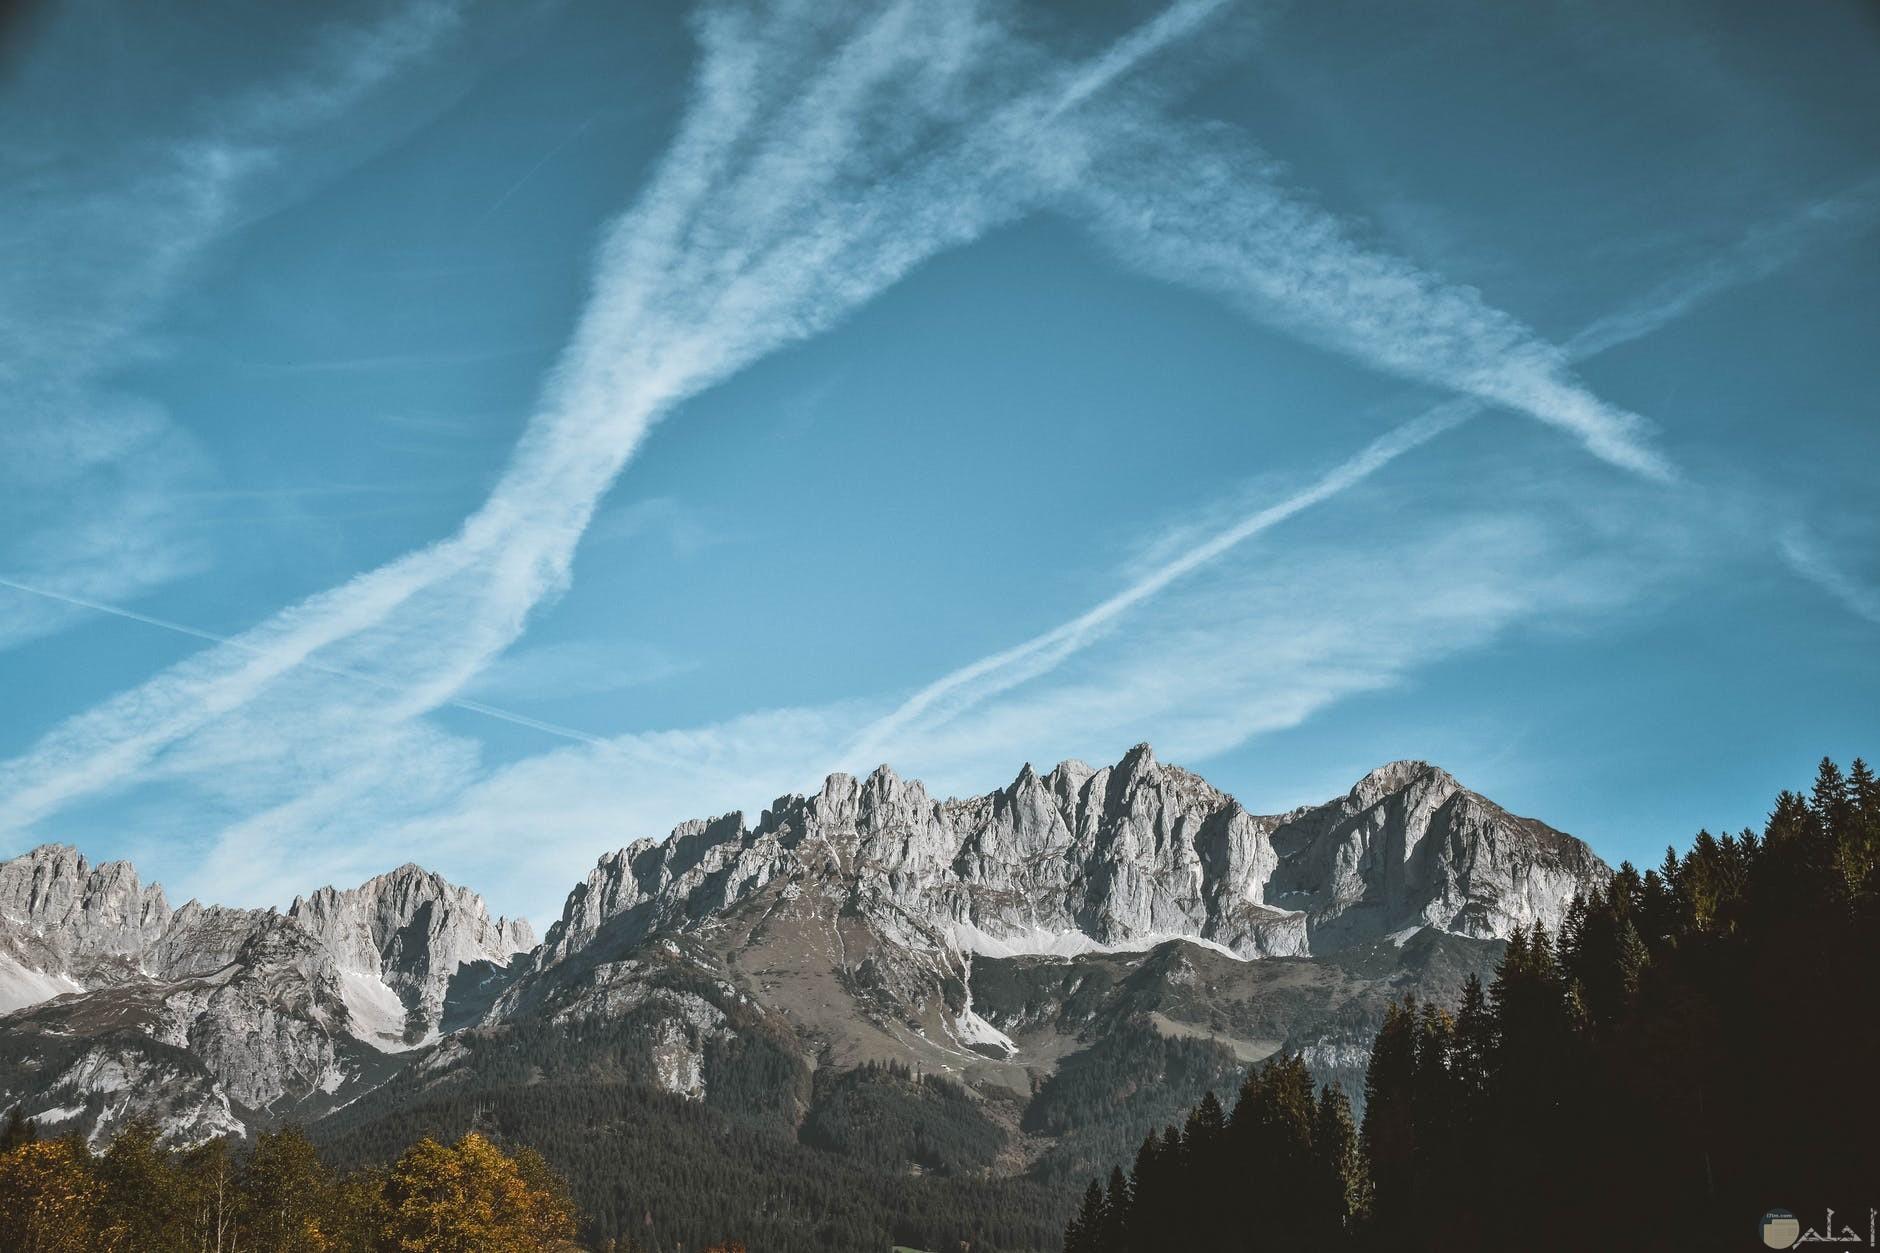 صوره جبال طبيعيه وسماء زرقاء وسحابه بيضاء